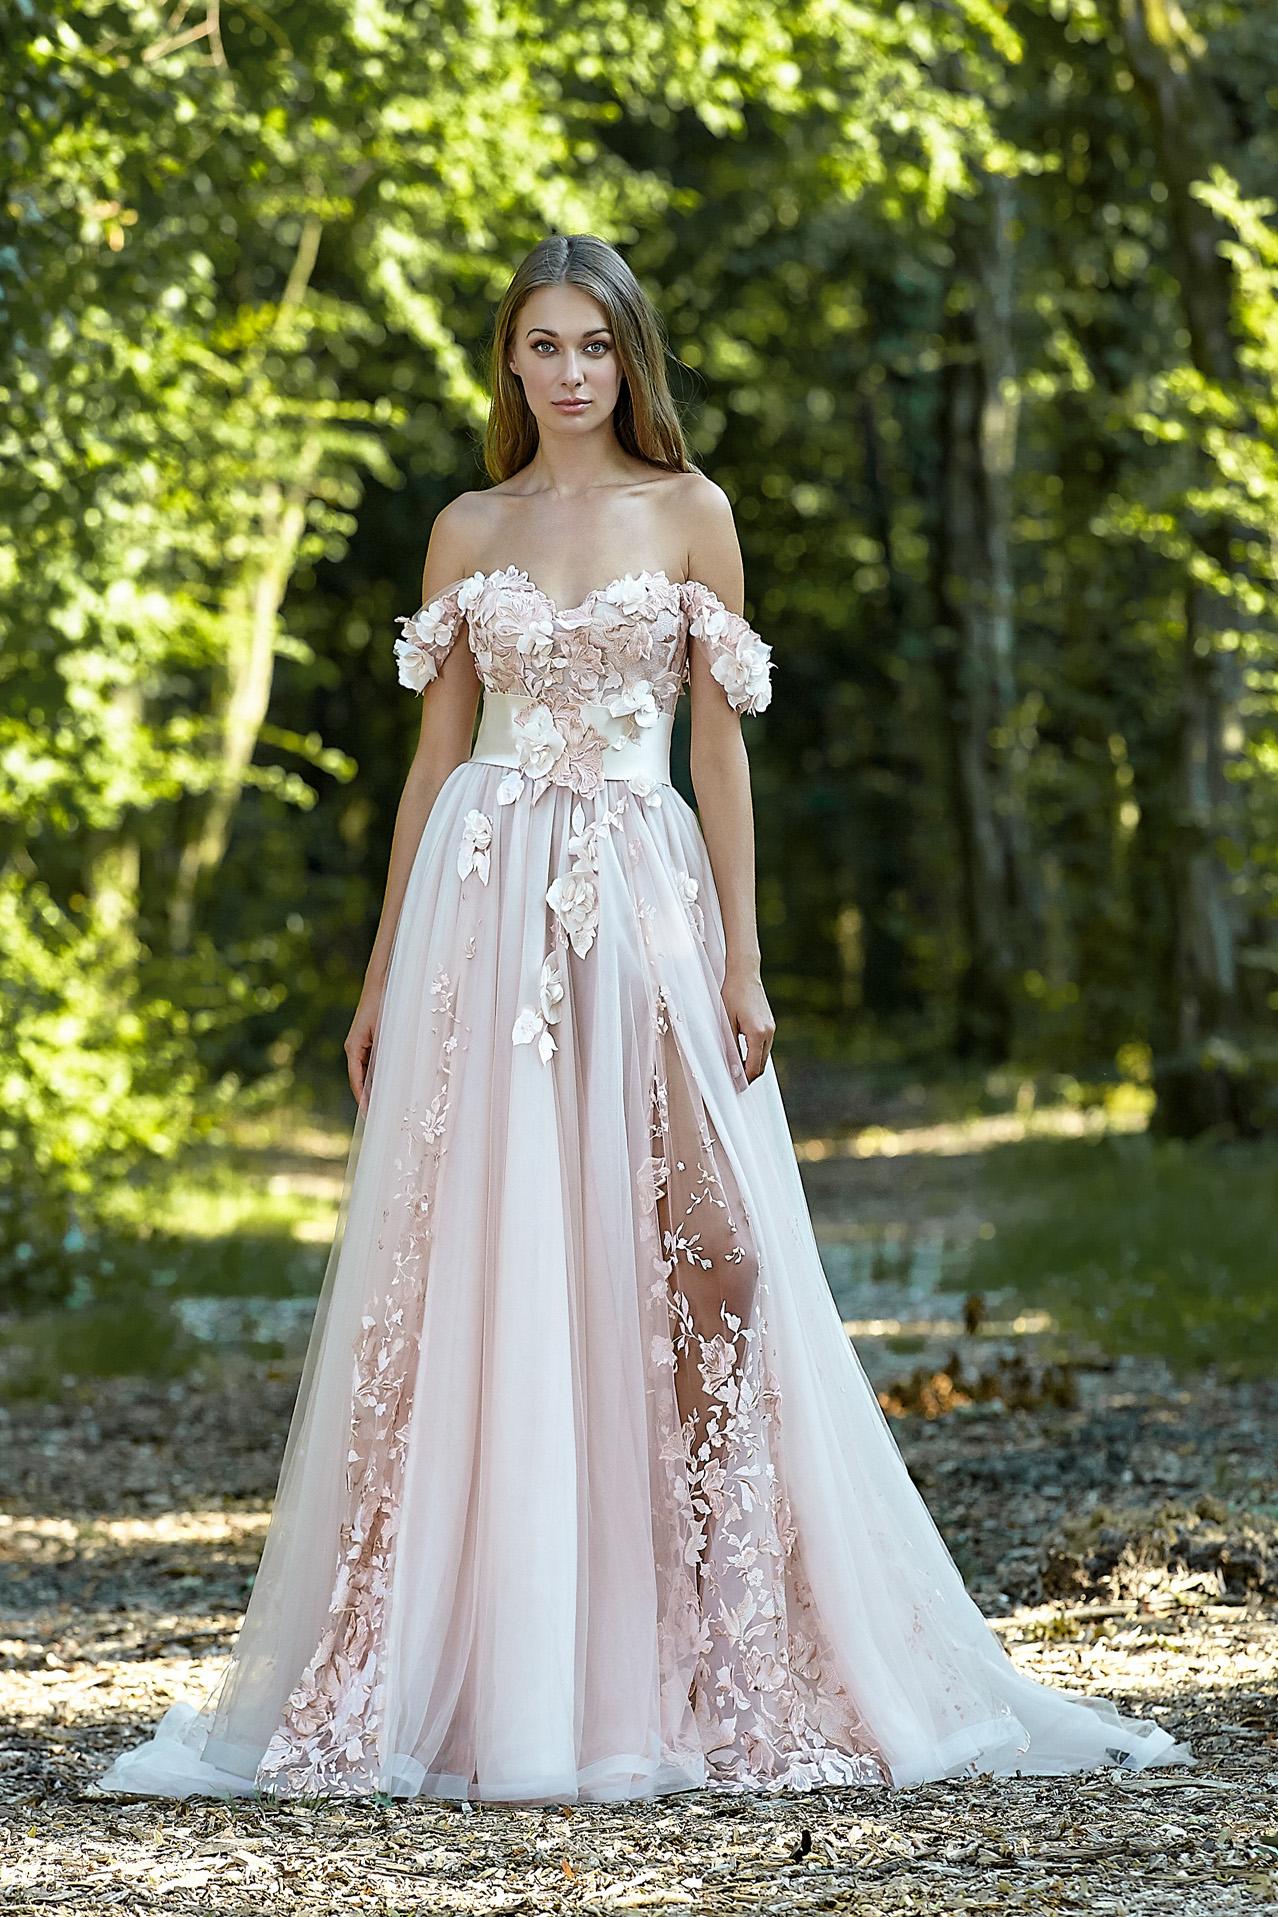 abito da sposa modello 2020 - foto davanti